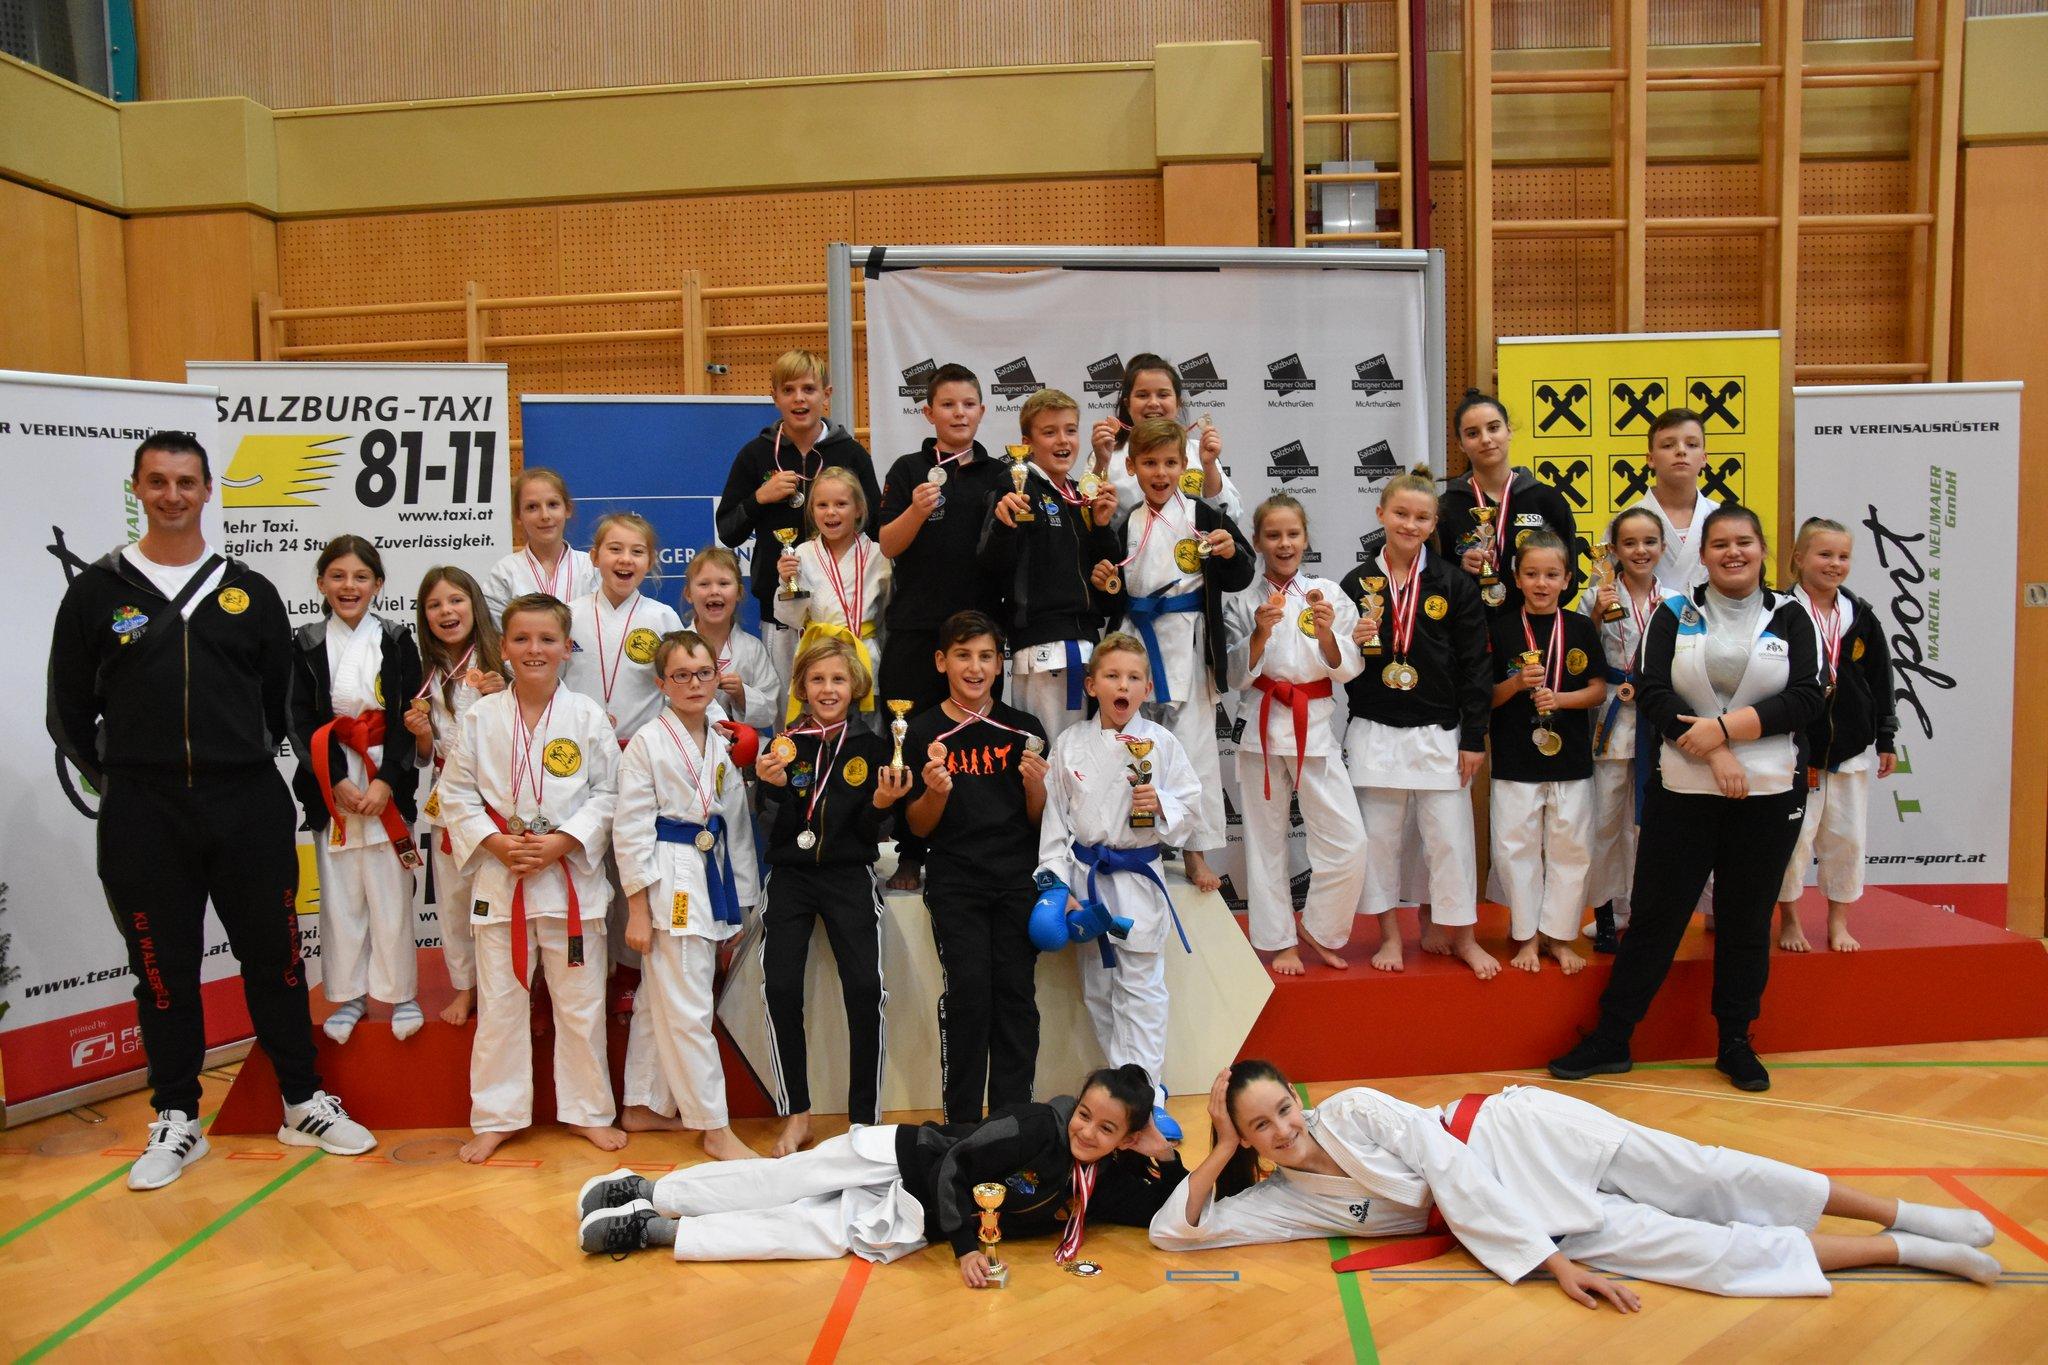 Karate - 5. INTERNATIONALER NACHWUCHSCUP UND PARA-KARATECUP 2019: Karate - 36 Medaillen für Karate Union Walserfeld! - meinbezirk.at